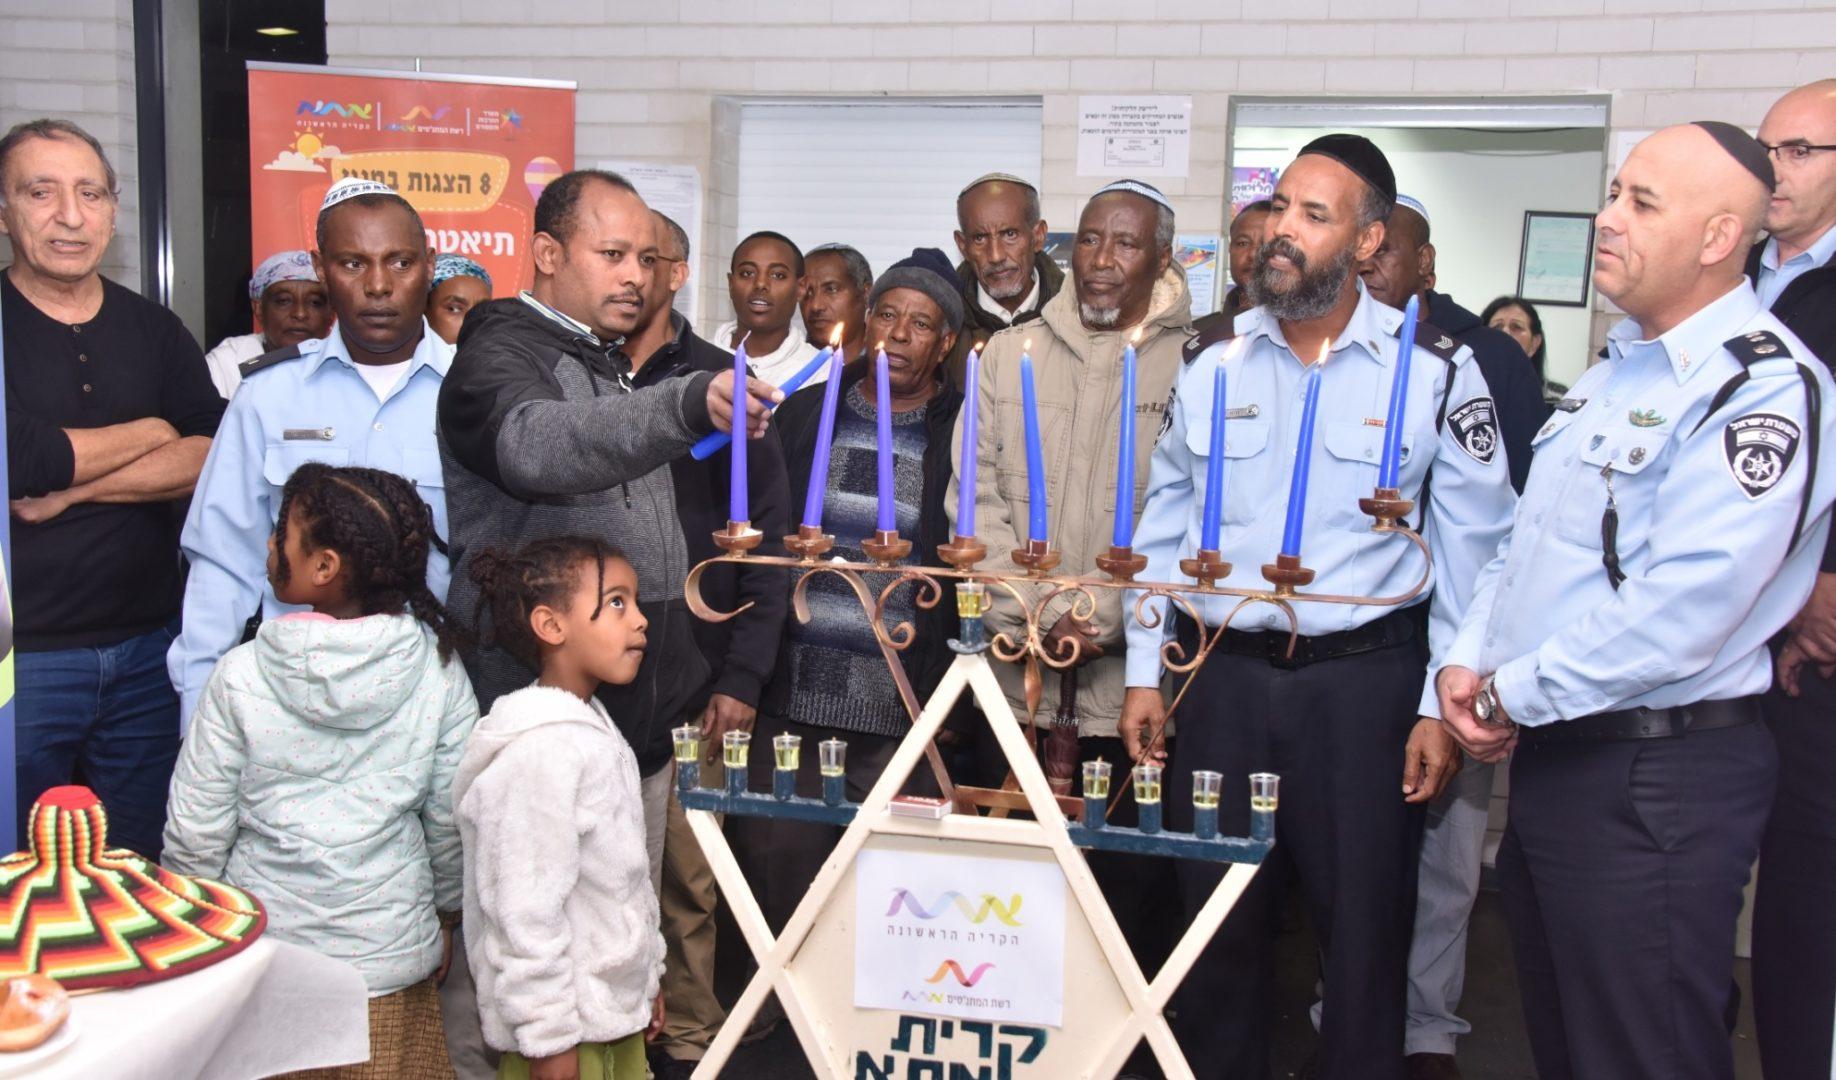 הדלקת נר יחד עם קהילת יוצאי אתיופיה